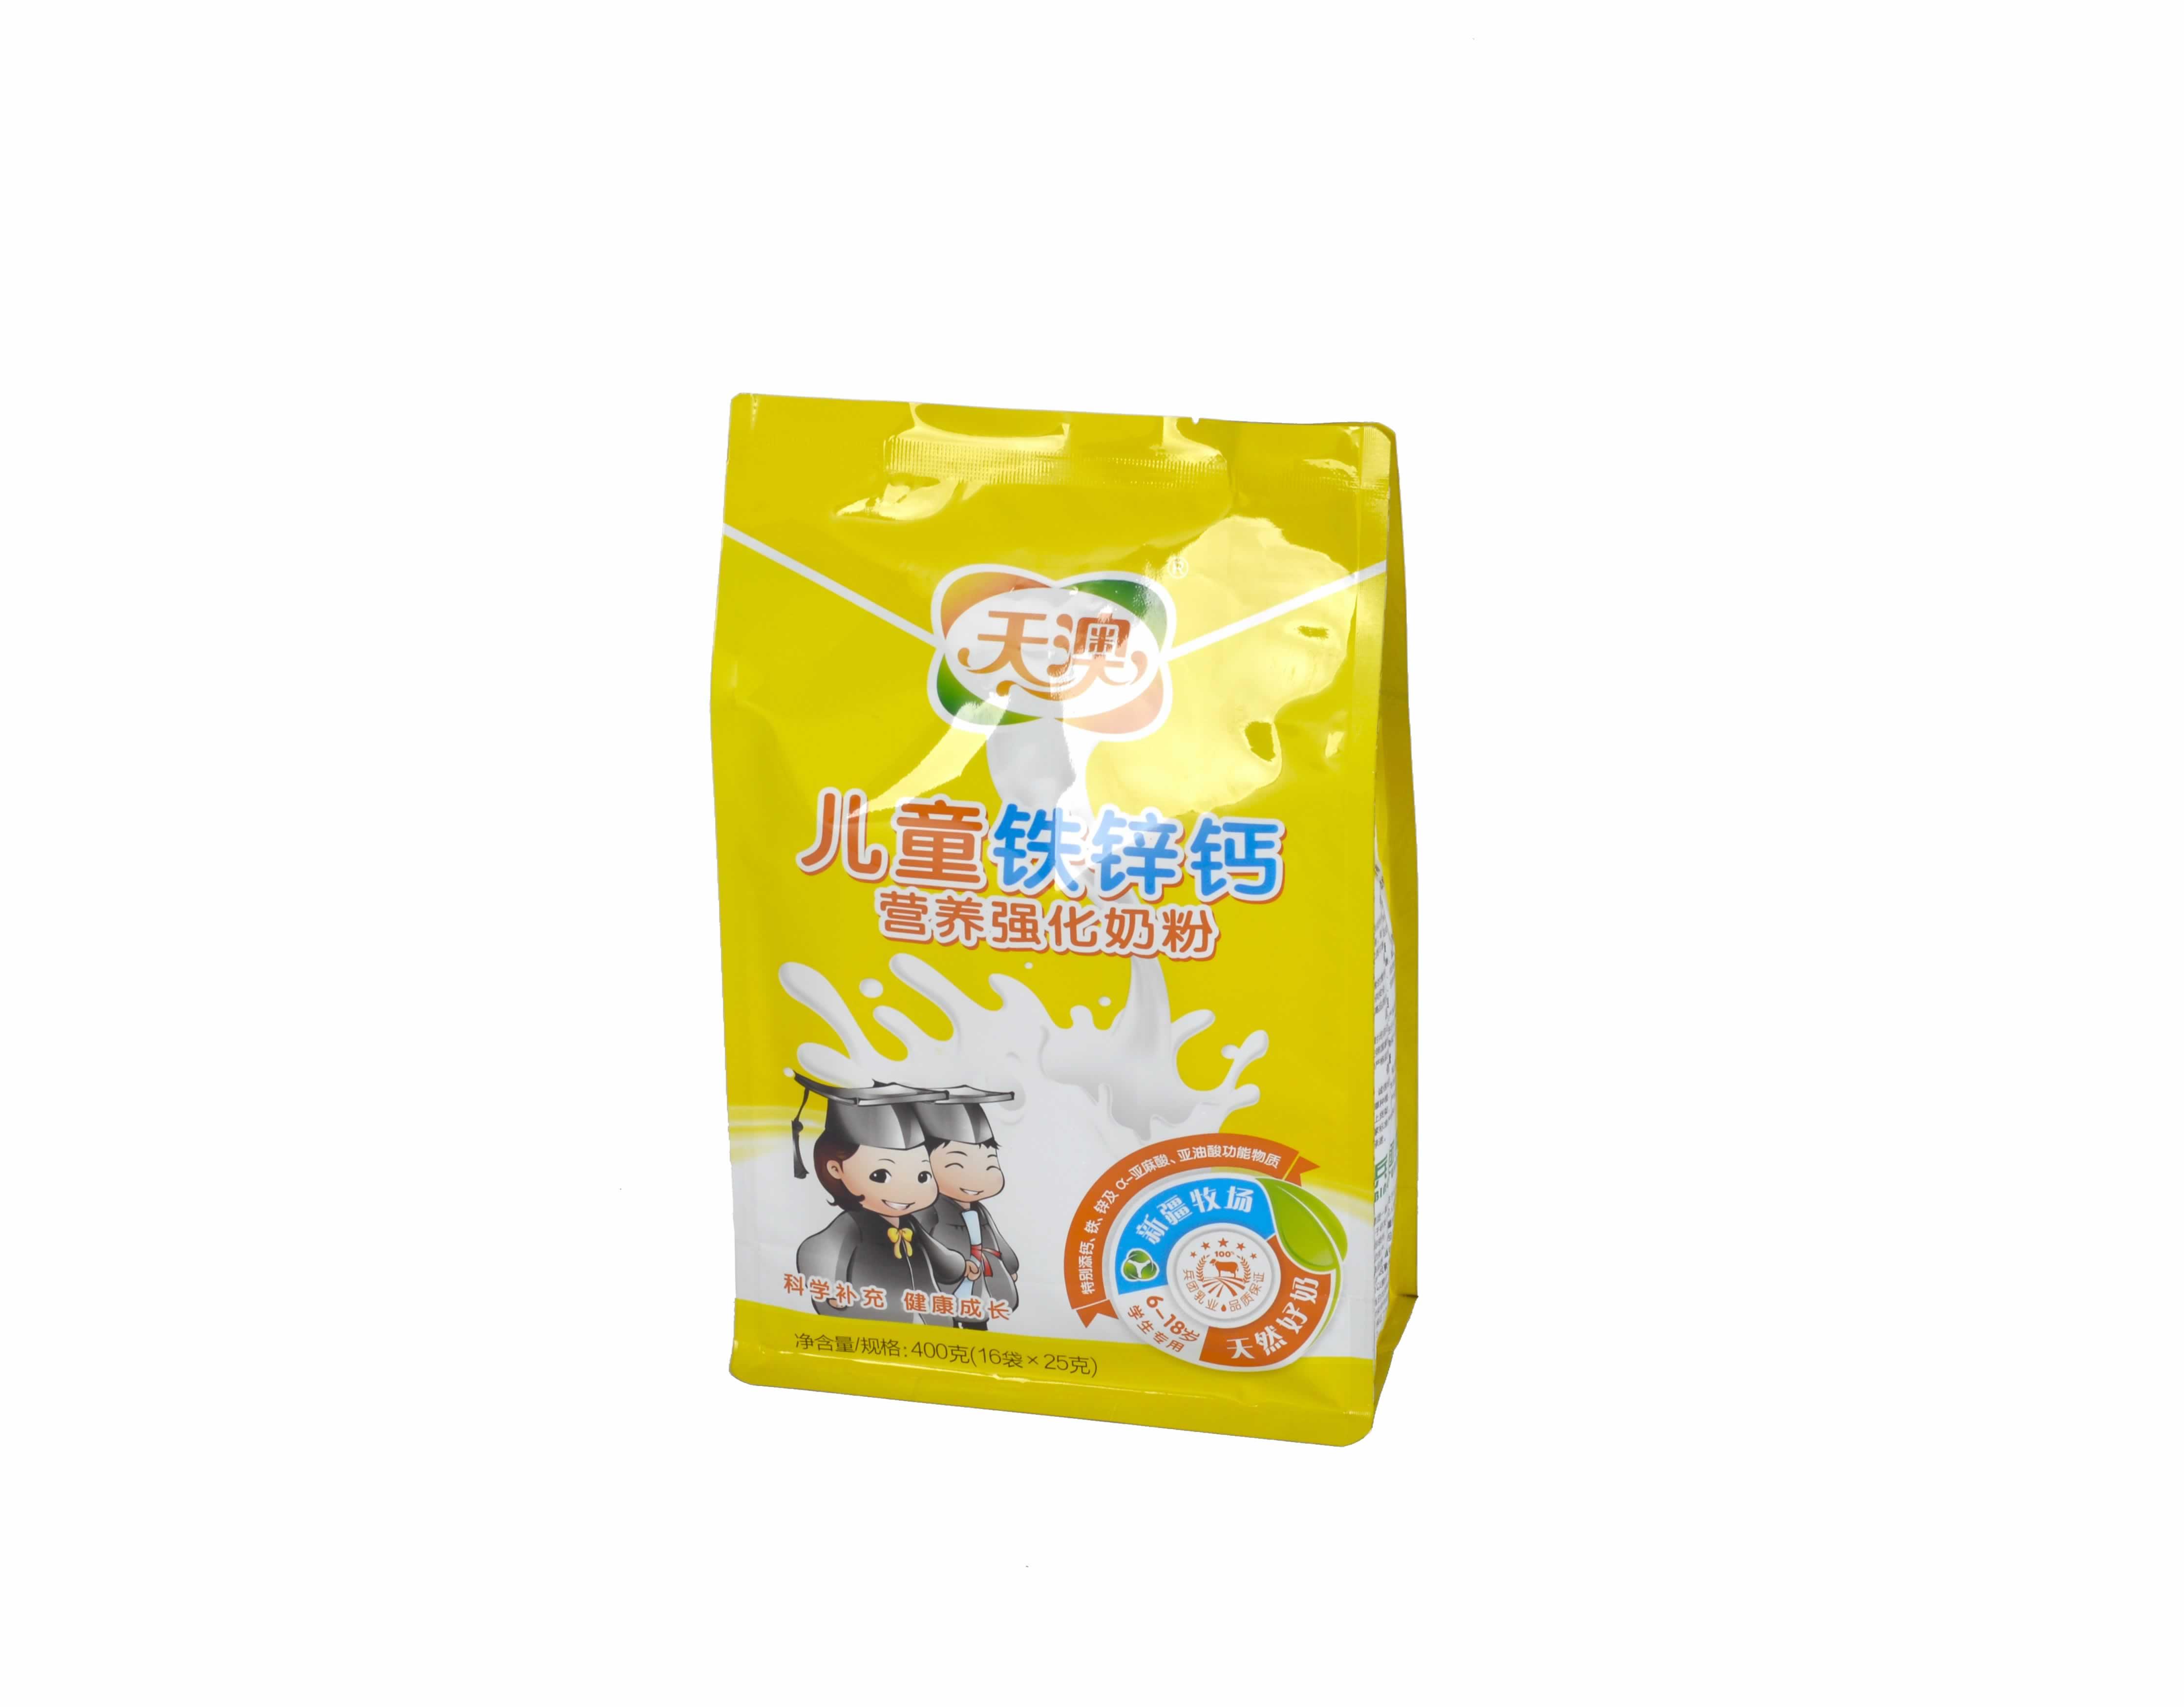 澳利亚 天澳儿童铁锌钙营养强化奶粉